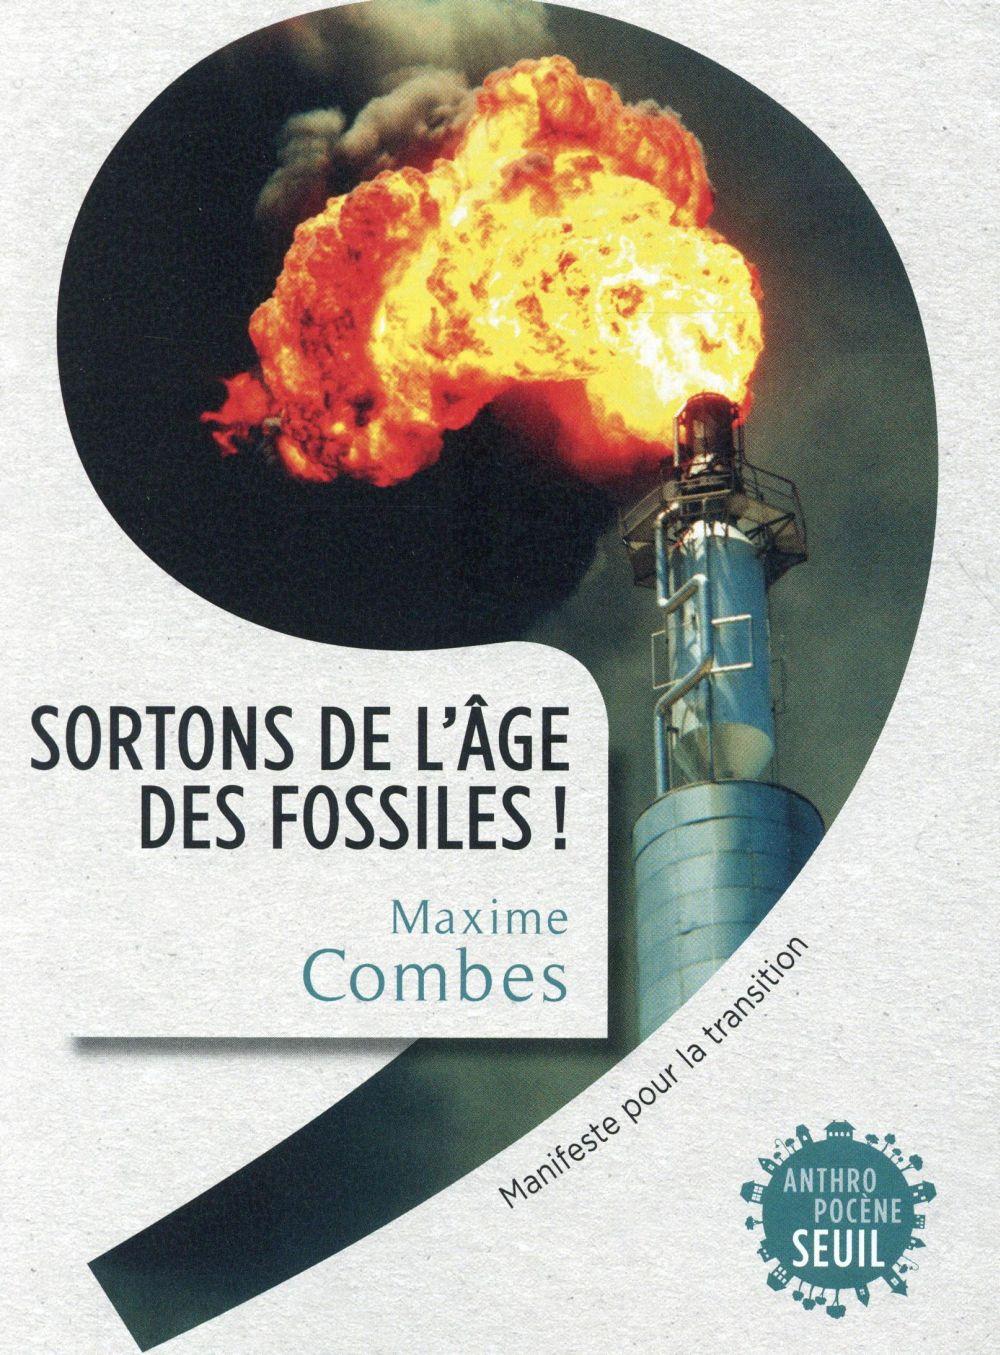 Sortons de l'âge des fossiles ! manifeste pour la transition